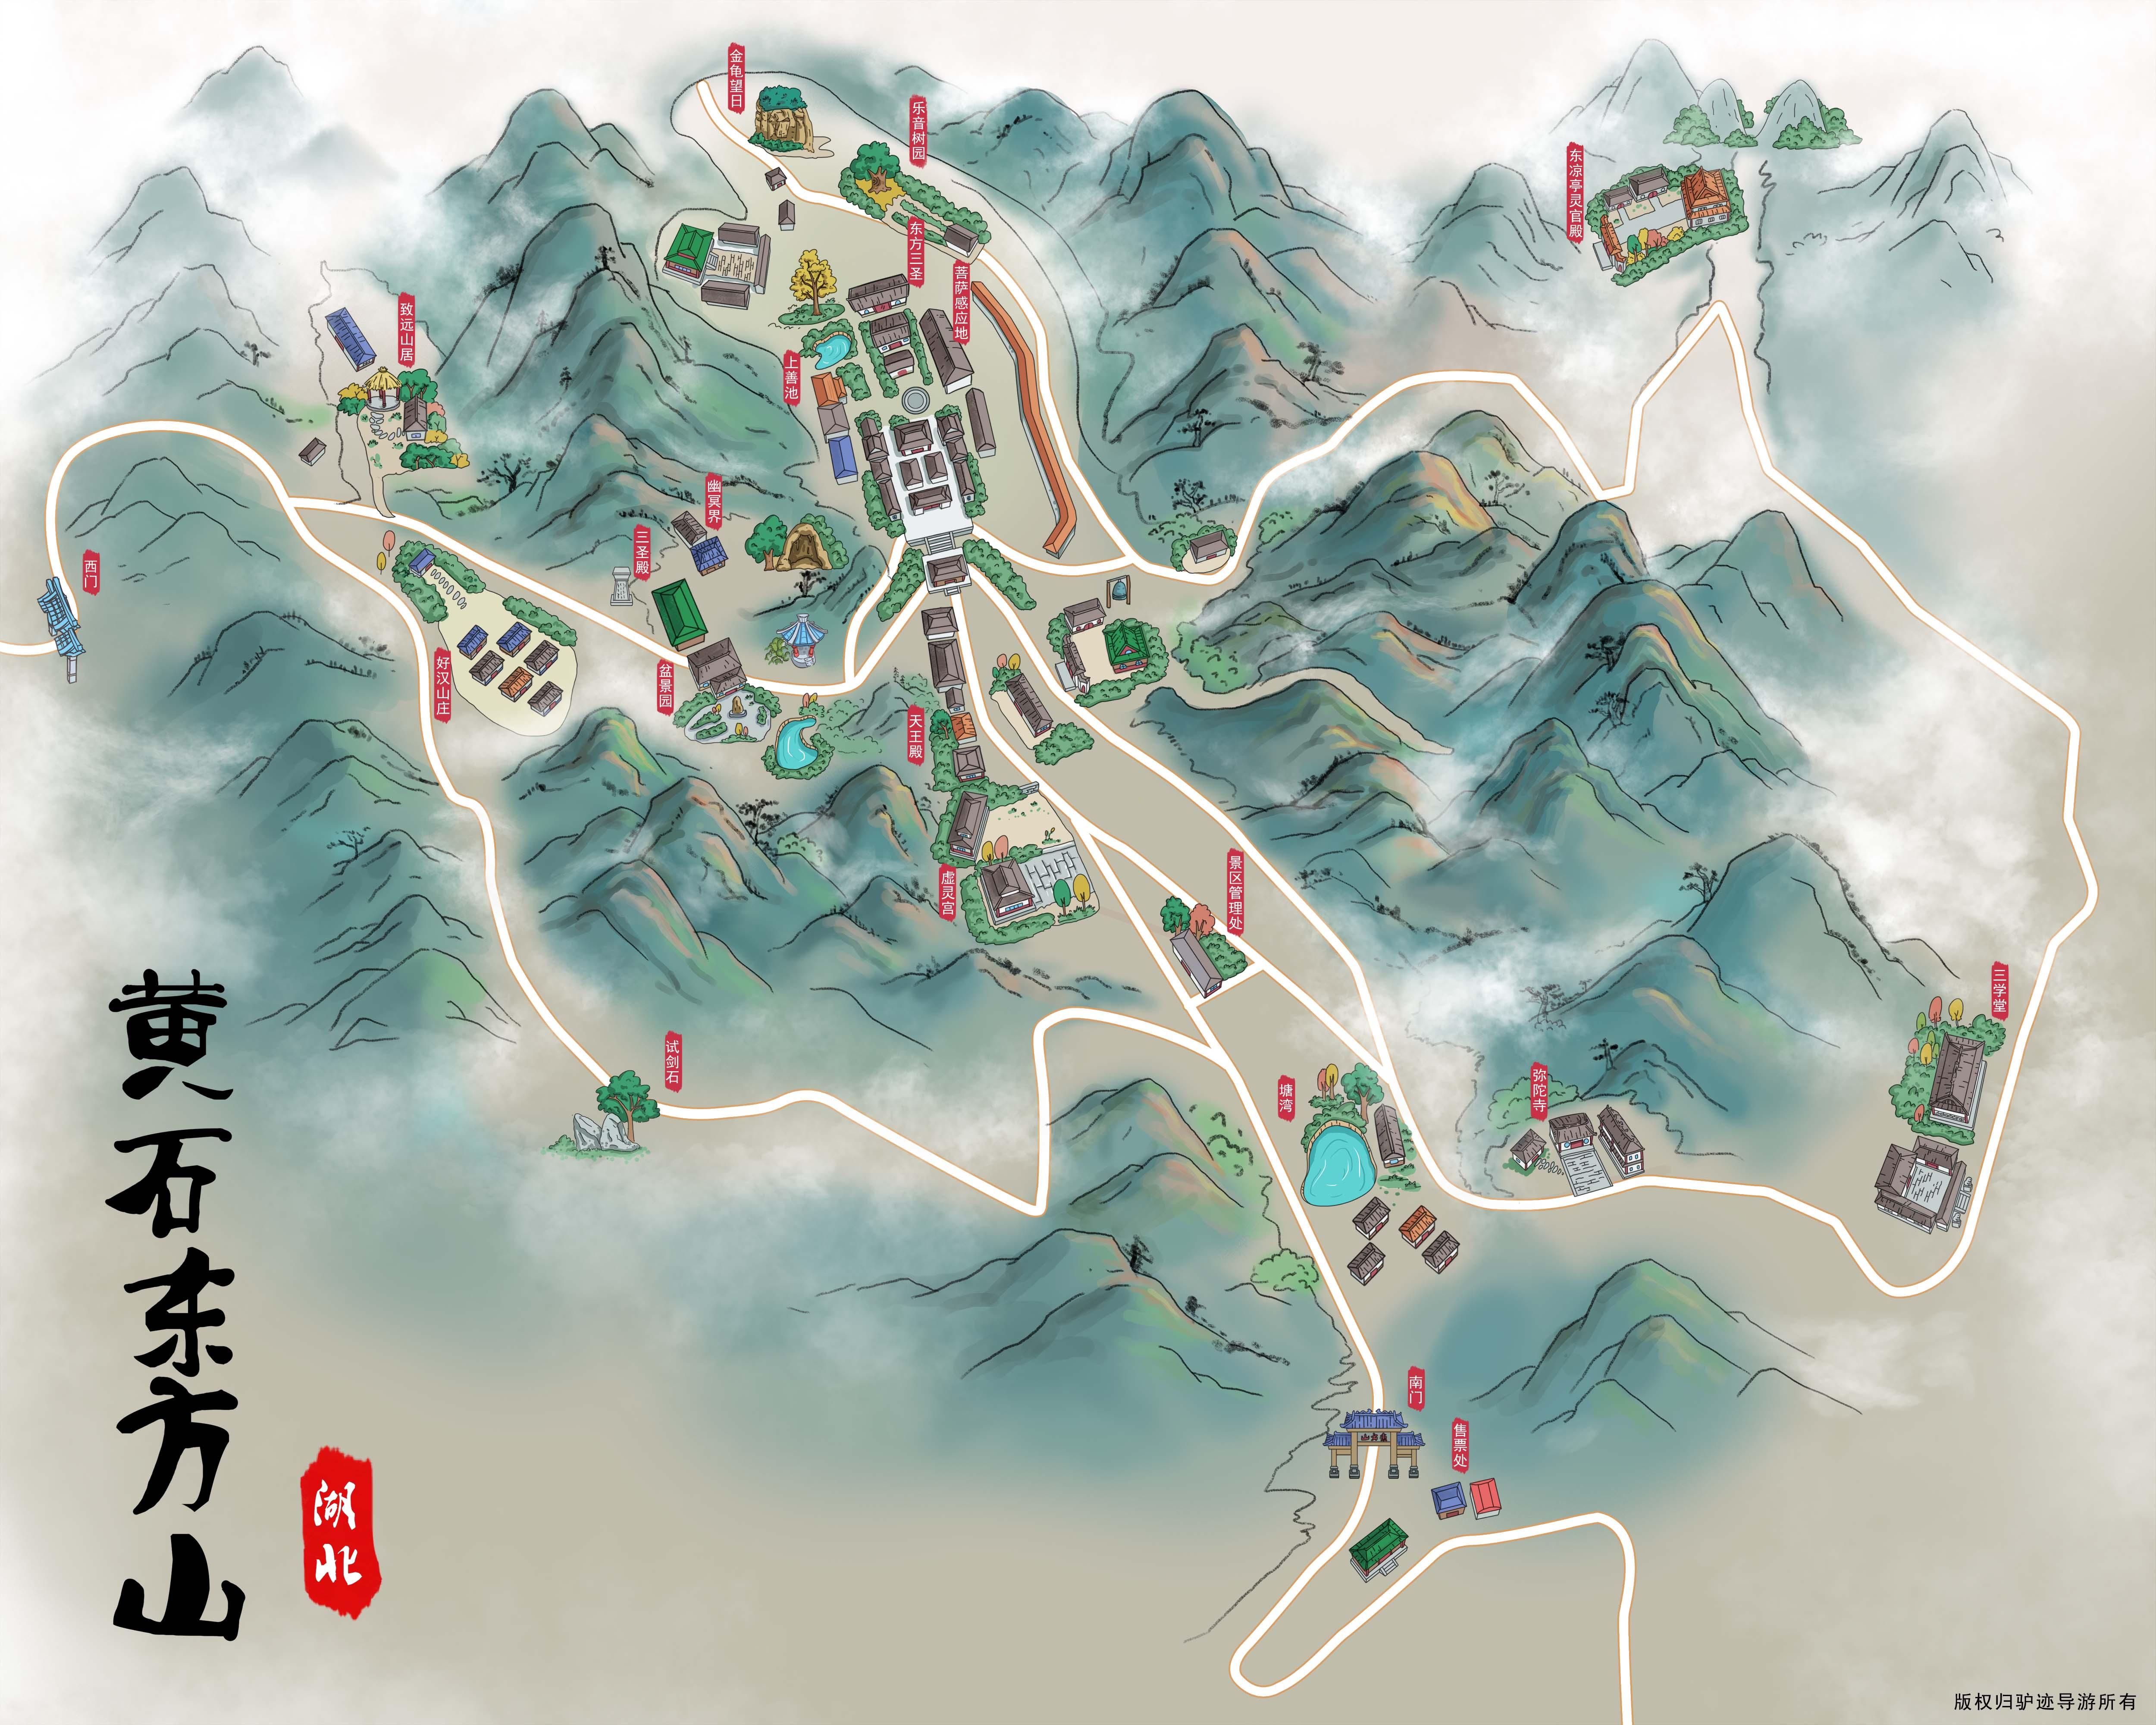 黄石东方山景区手机导游【全景地图、园内导航